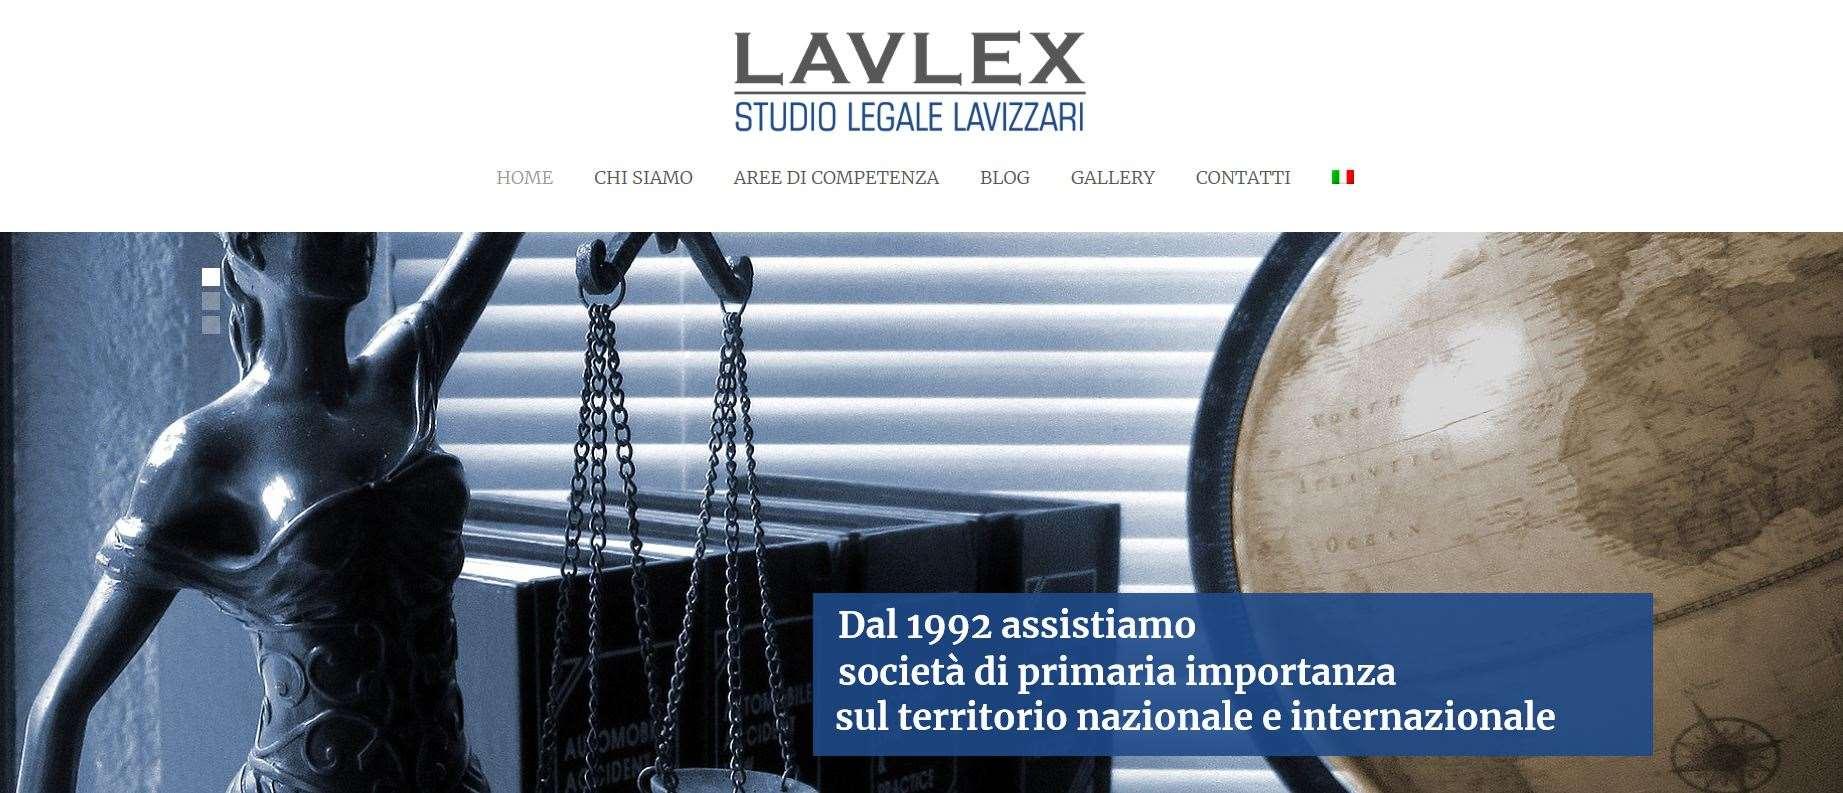 Lavlex Studio Legale Lavizzari Portfolio Clienti Digital Compass